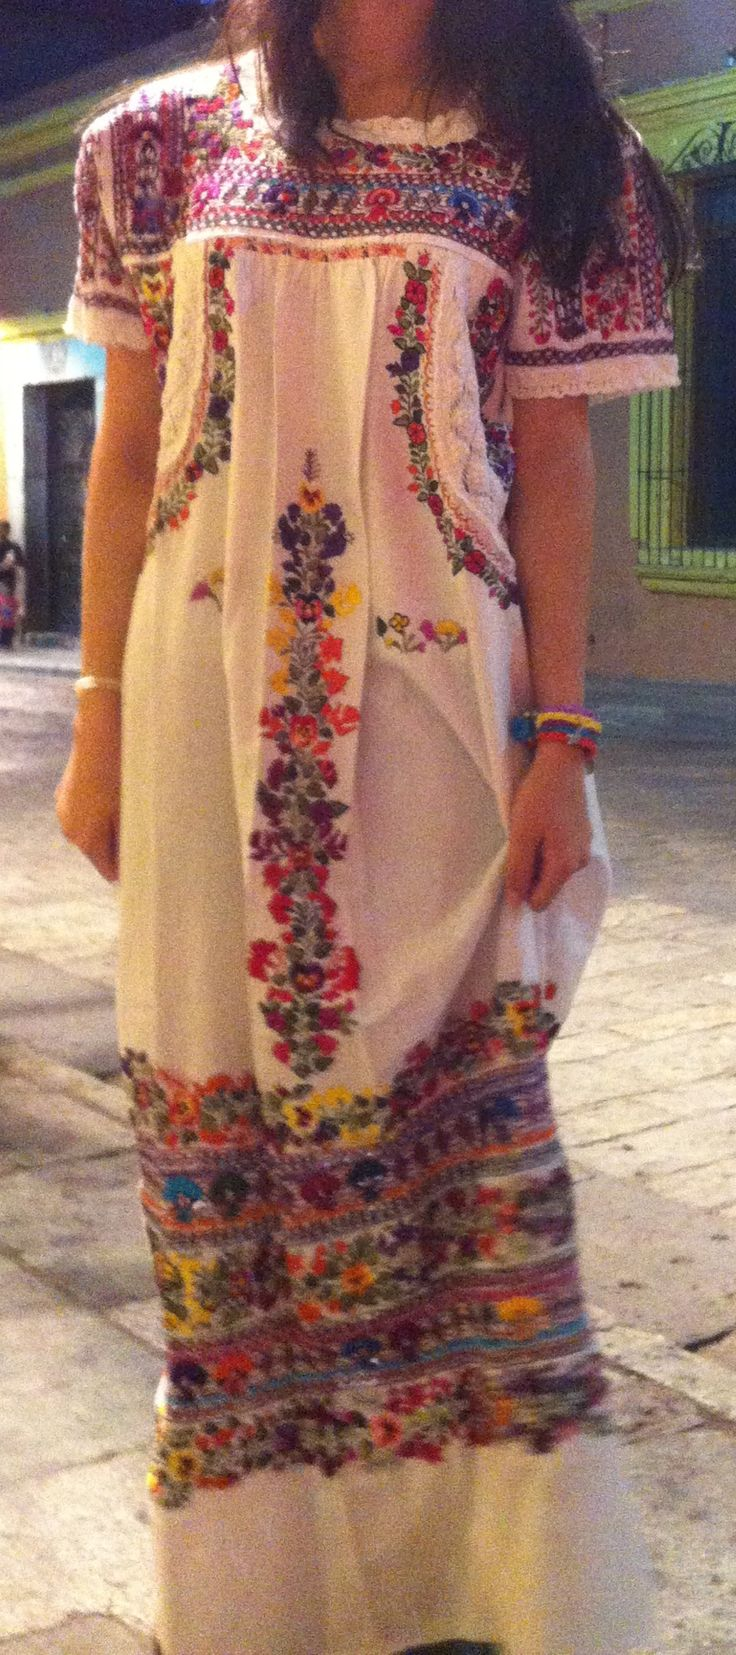 Bordado mexicano - Bordadas à mão. O vestido tradicional do México. / Mexican Embroidery - Hand embroidered. Traditional dress of MEXICO.